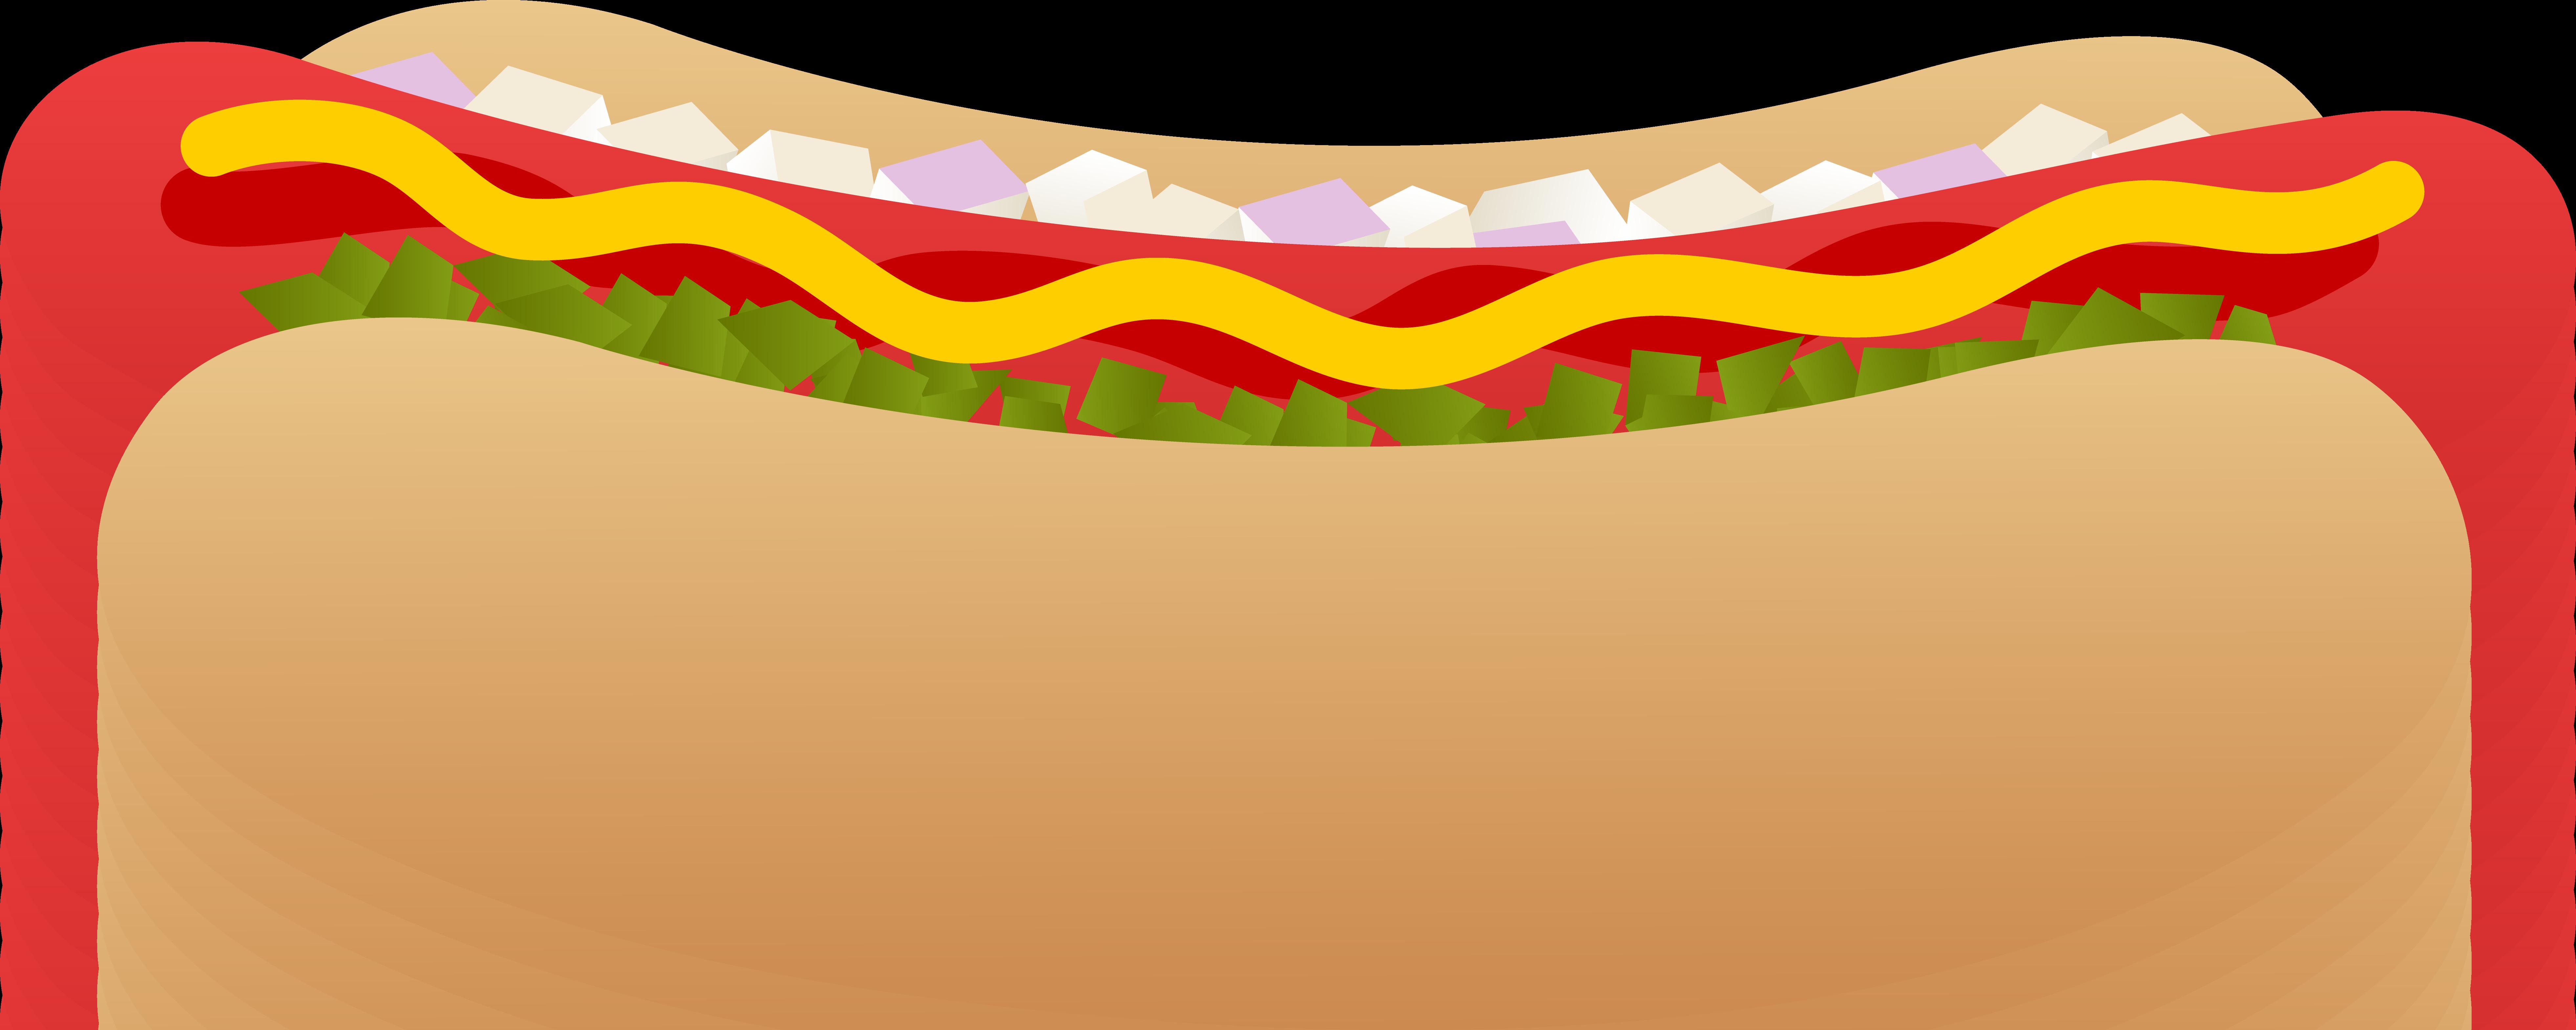 7846x3137 Hot Dog Clip Art Cliparts